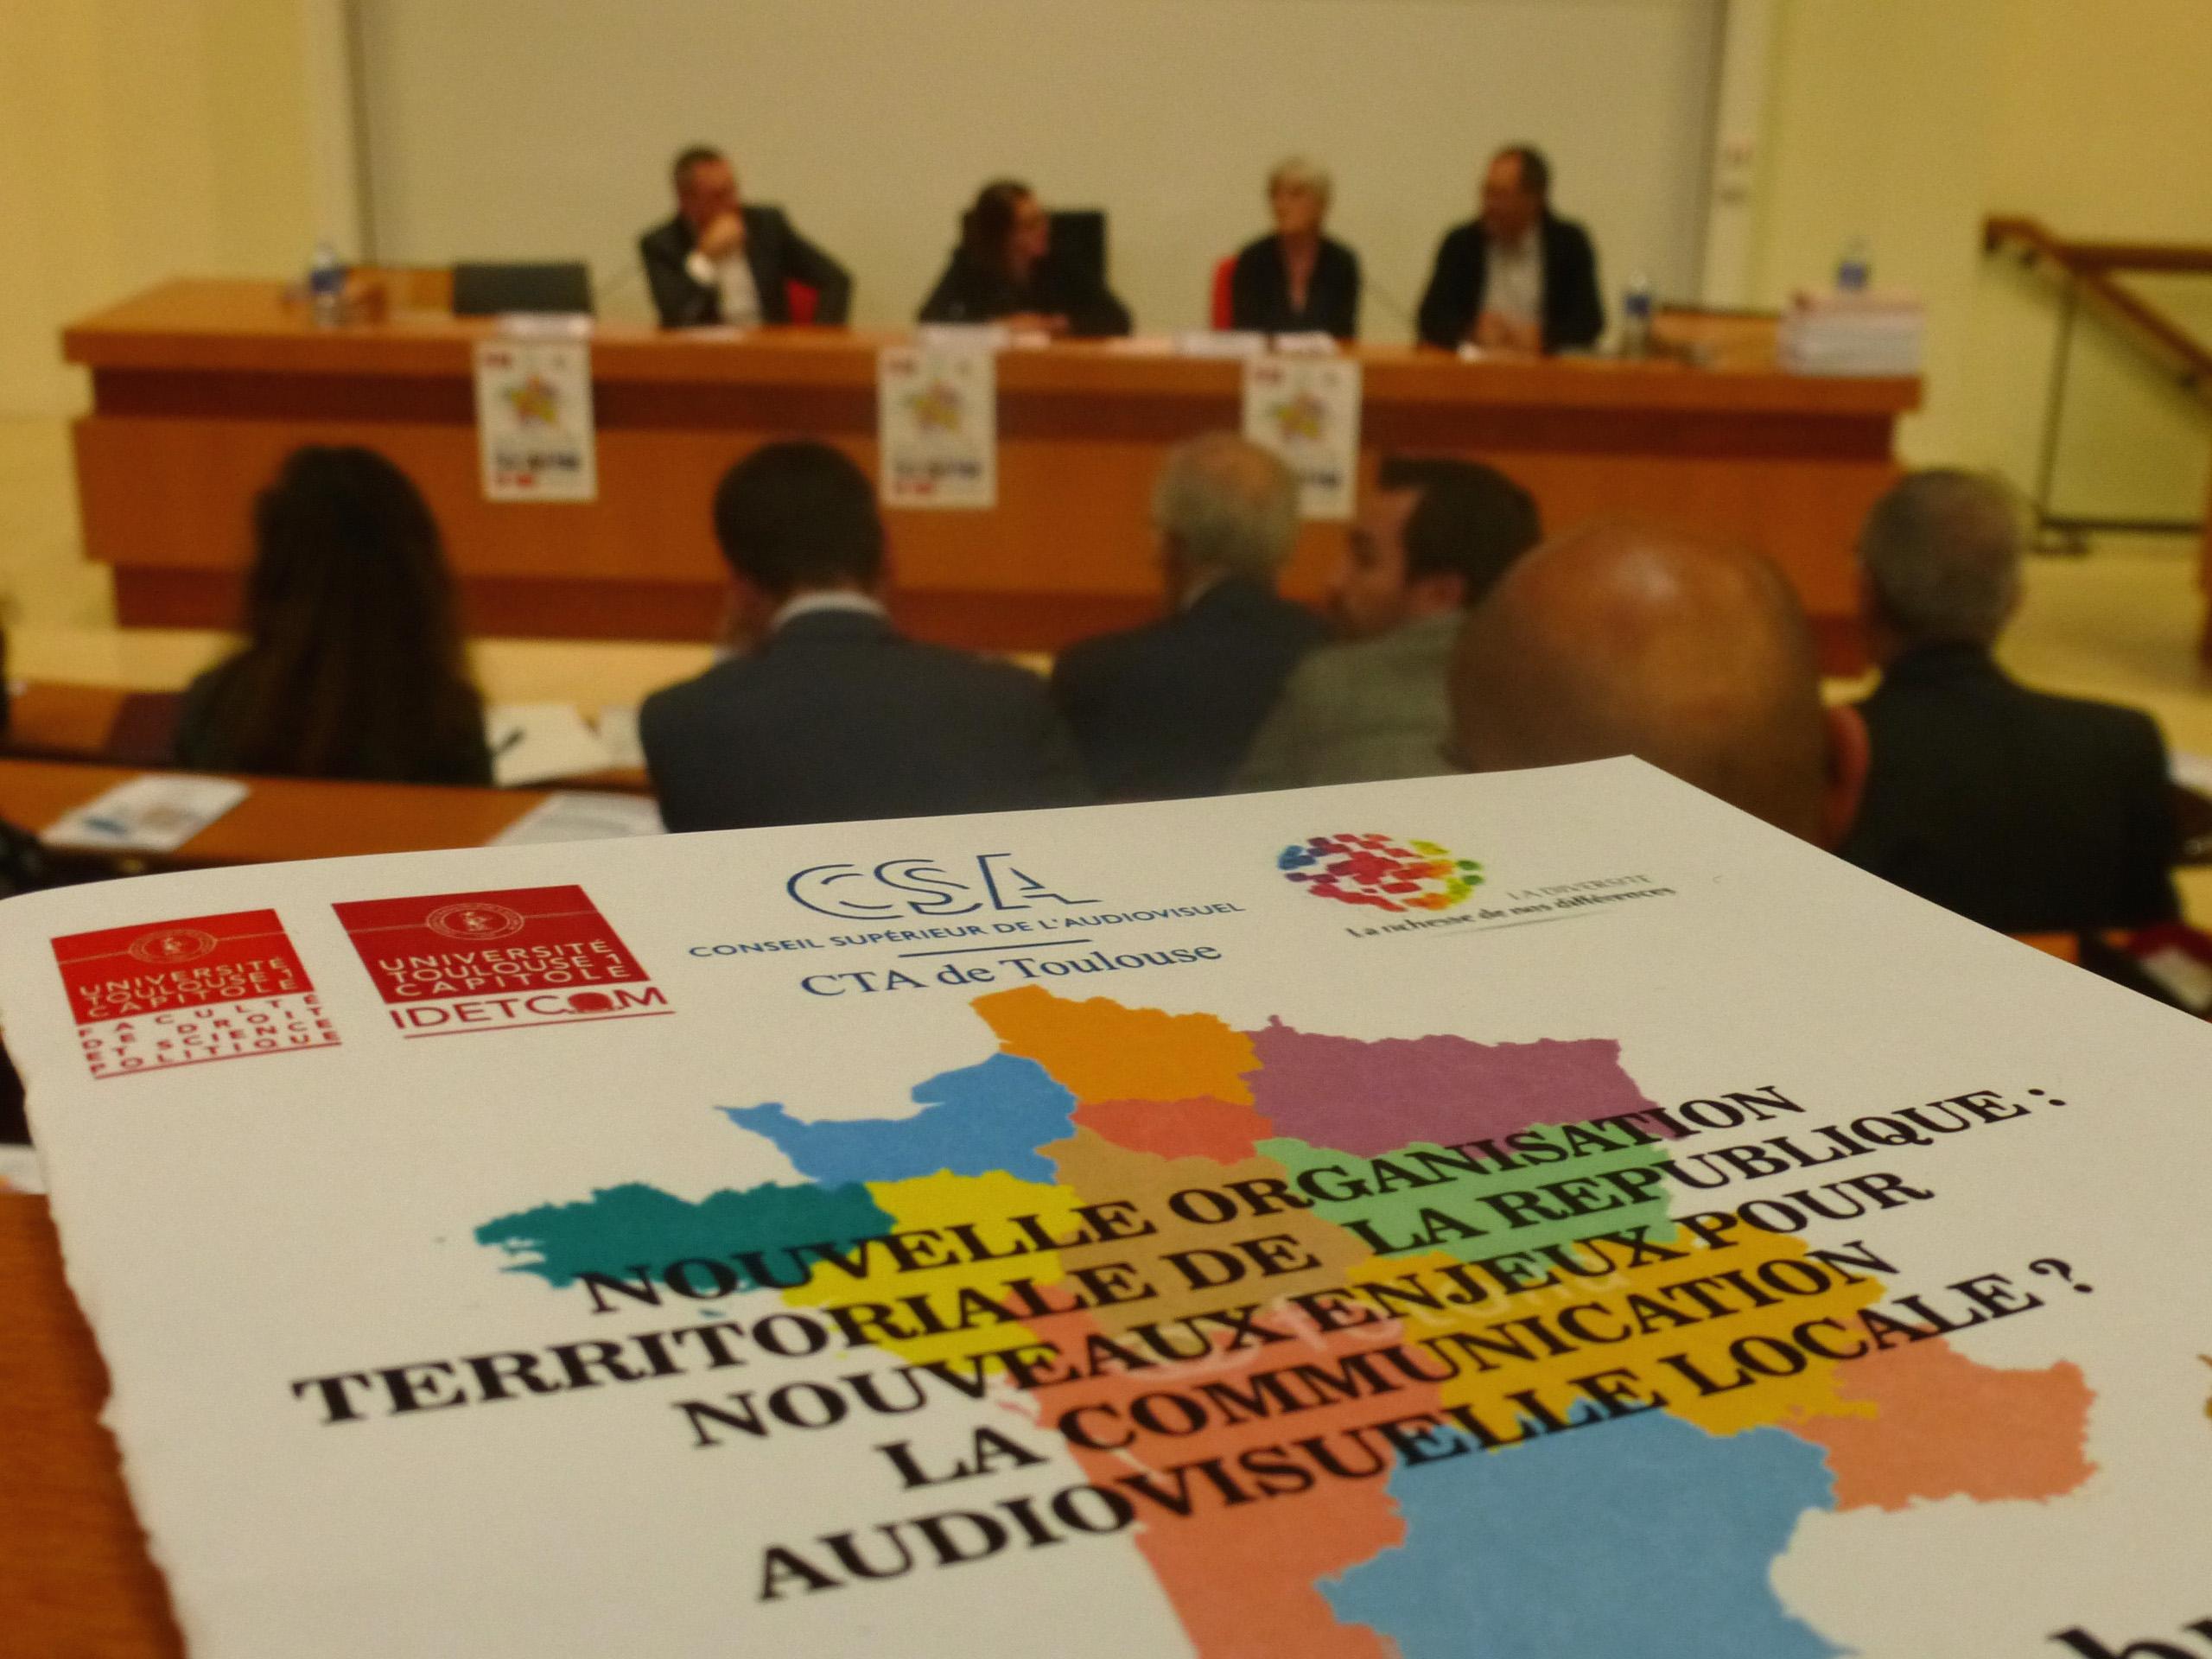 Les opérateurs radiophoniques de la future région étaient rassemblés à l'université de Toulouse 1 Capitole le 29 octobre. © Hervé Marchais